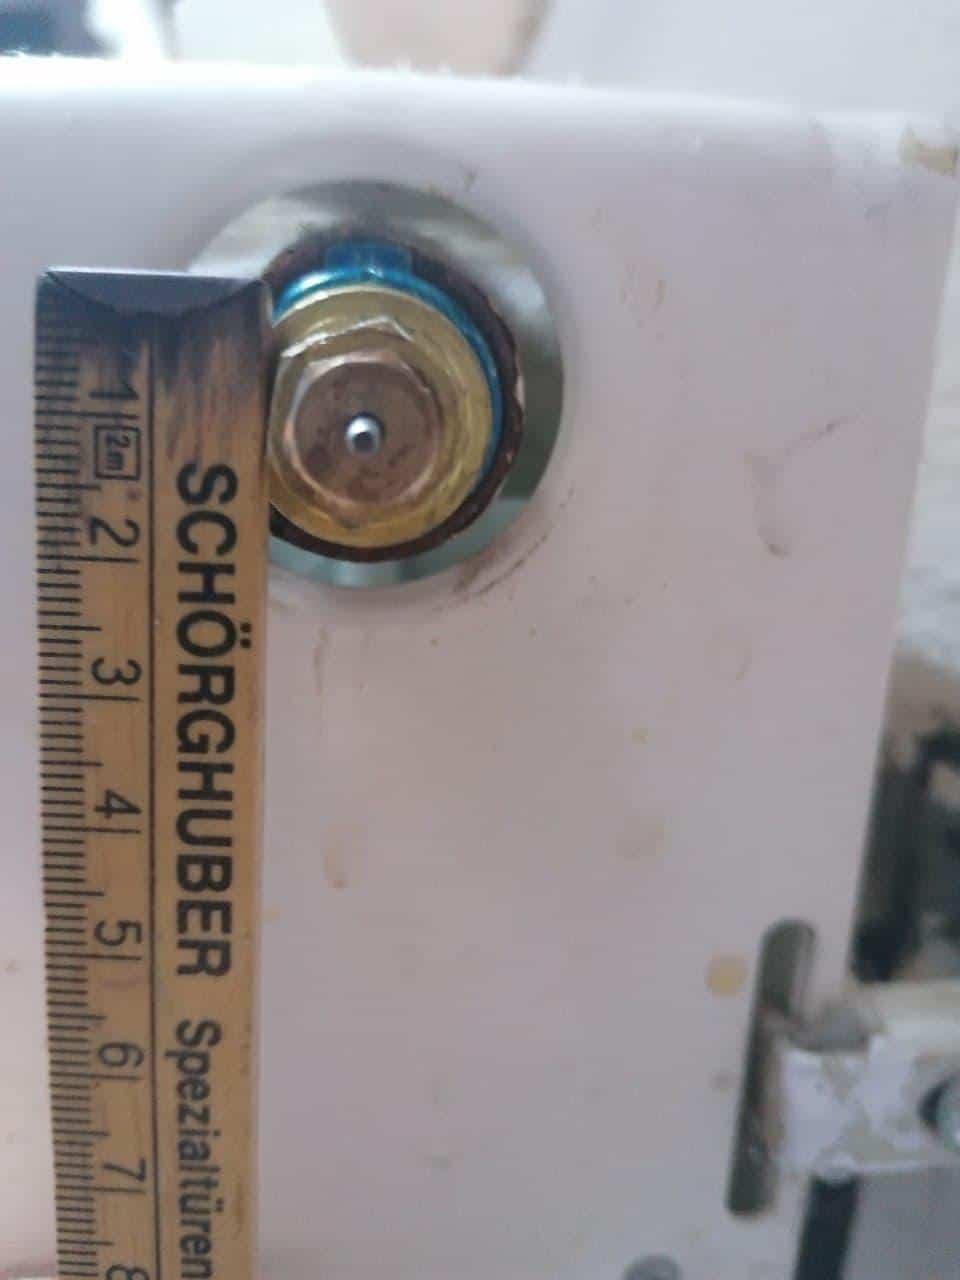 Danfoss Thermostat RA ohne Voreinstellung Quelle: Rainer W. aus Kommentaren